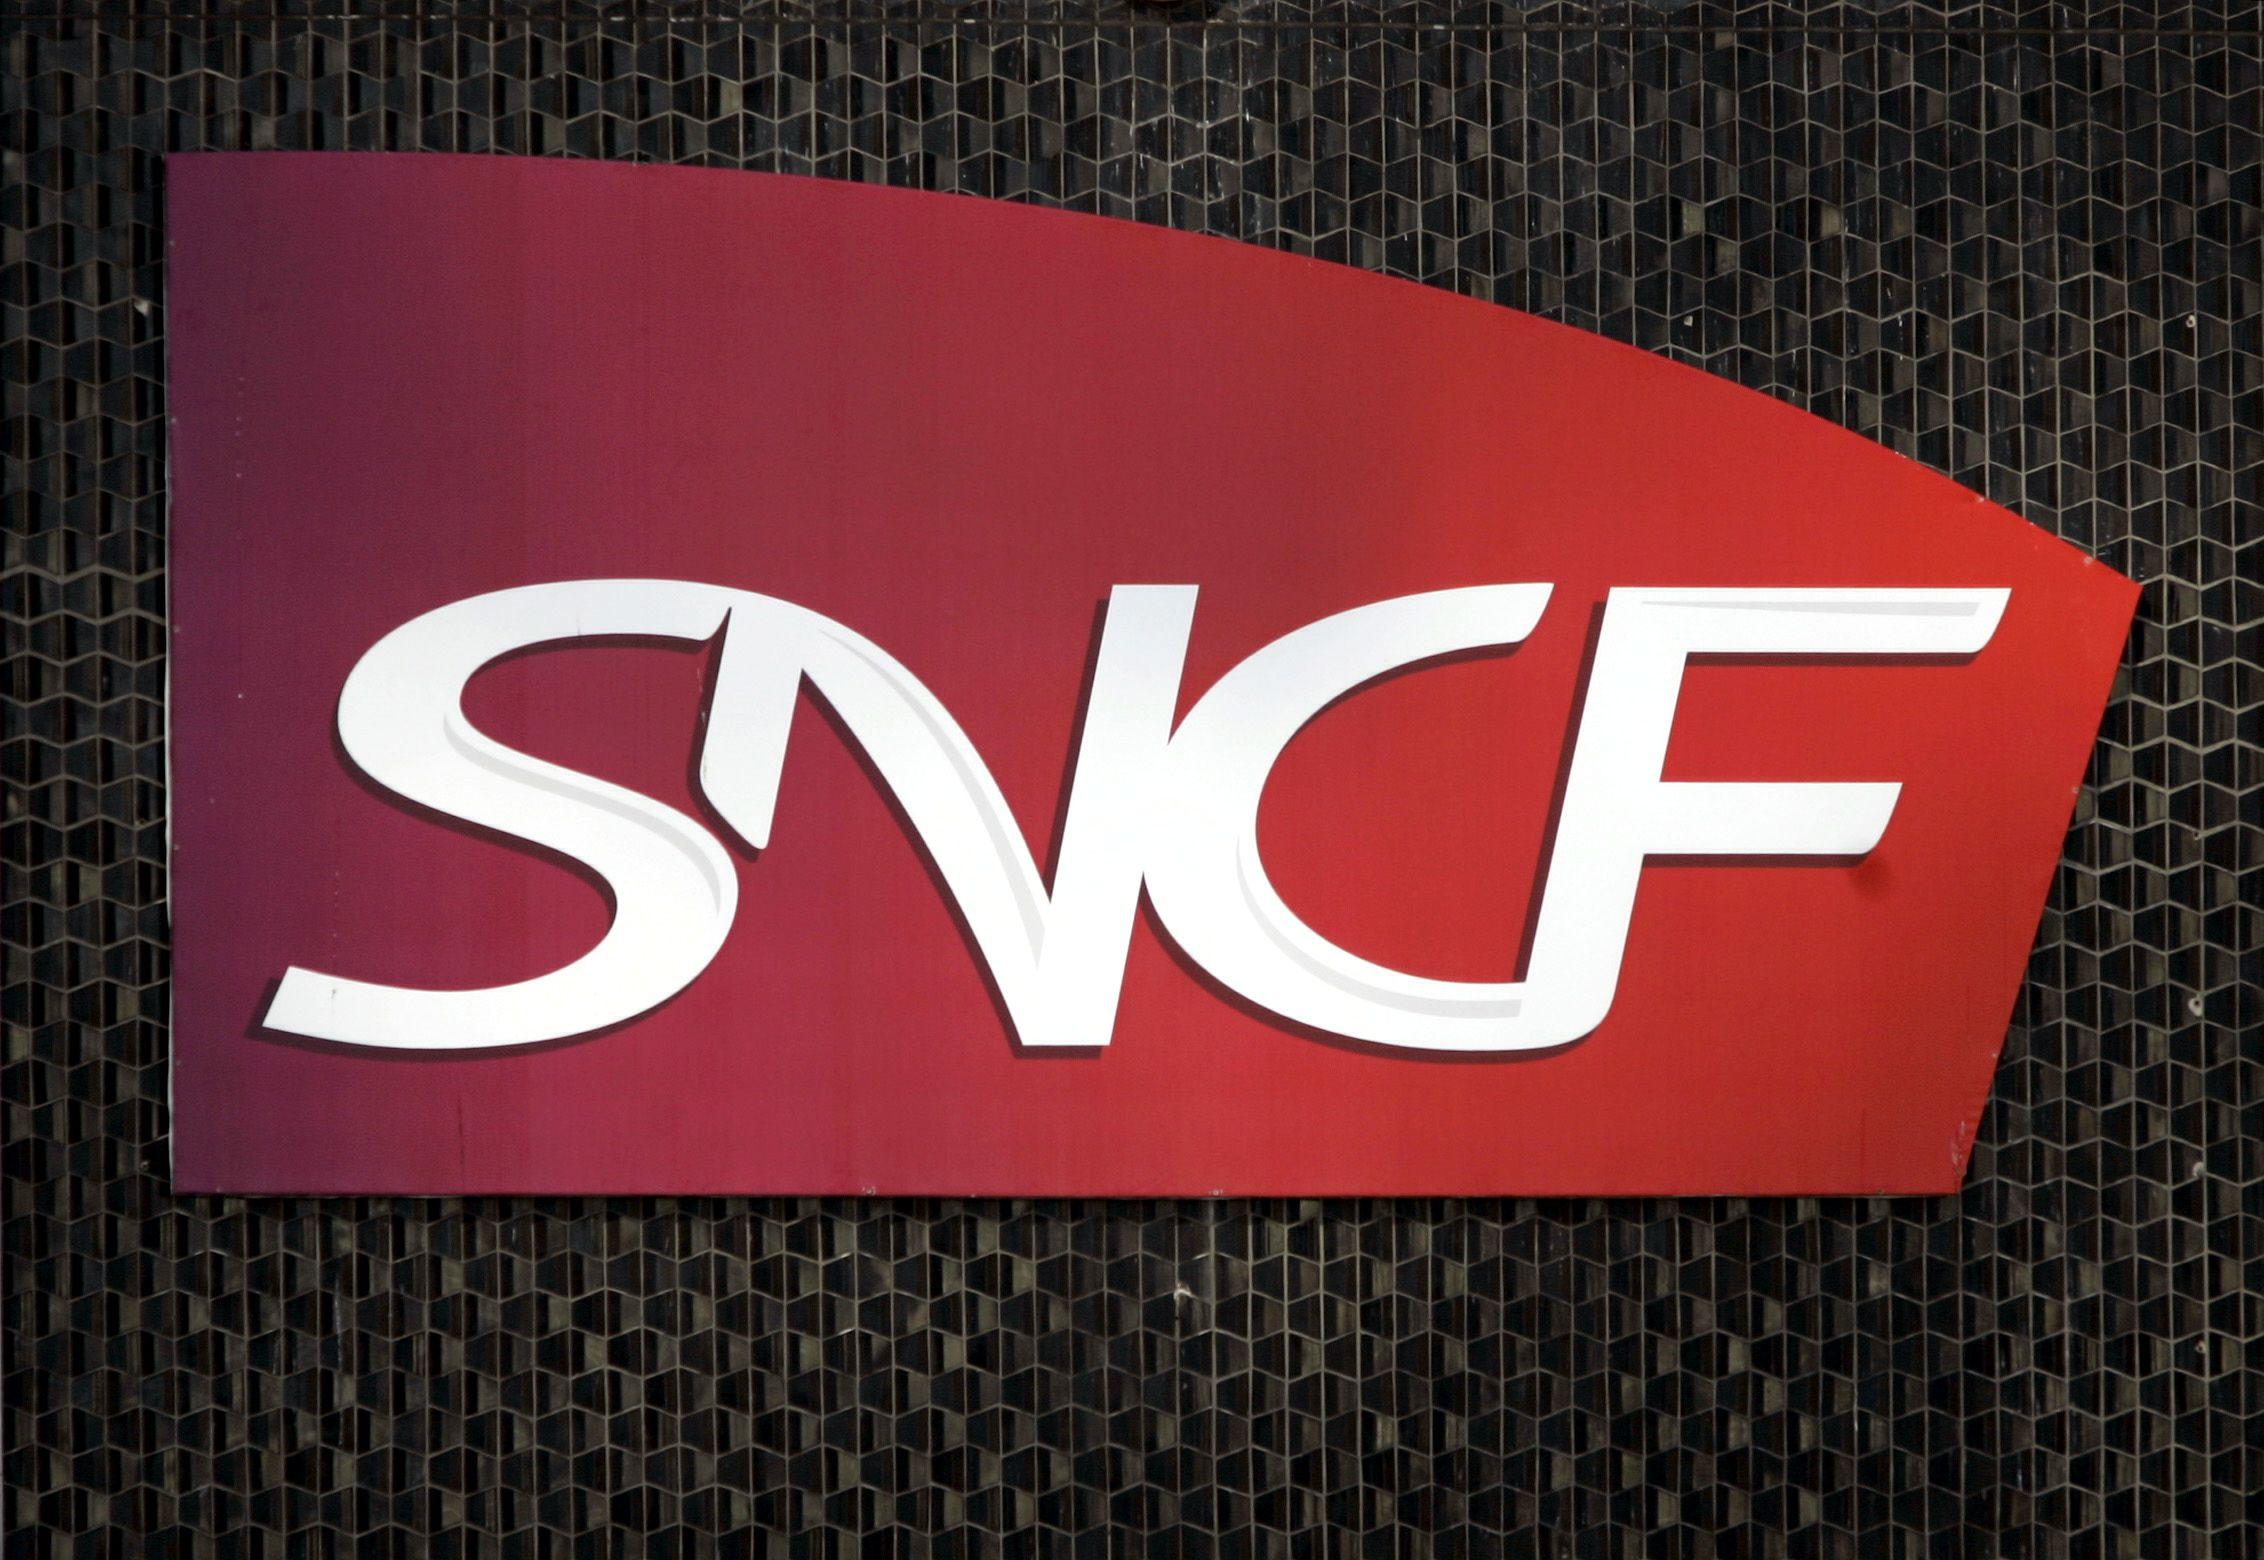 La SNCF a présenté les nouvelles rames de TGV de la ligne Paris-Bordeaux